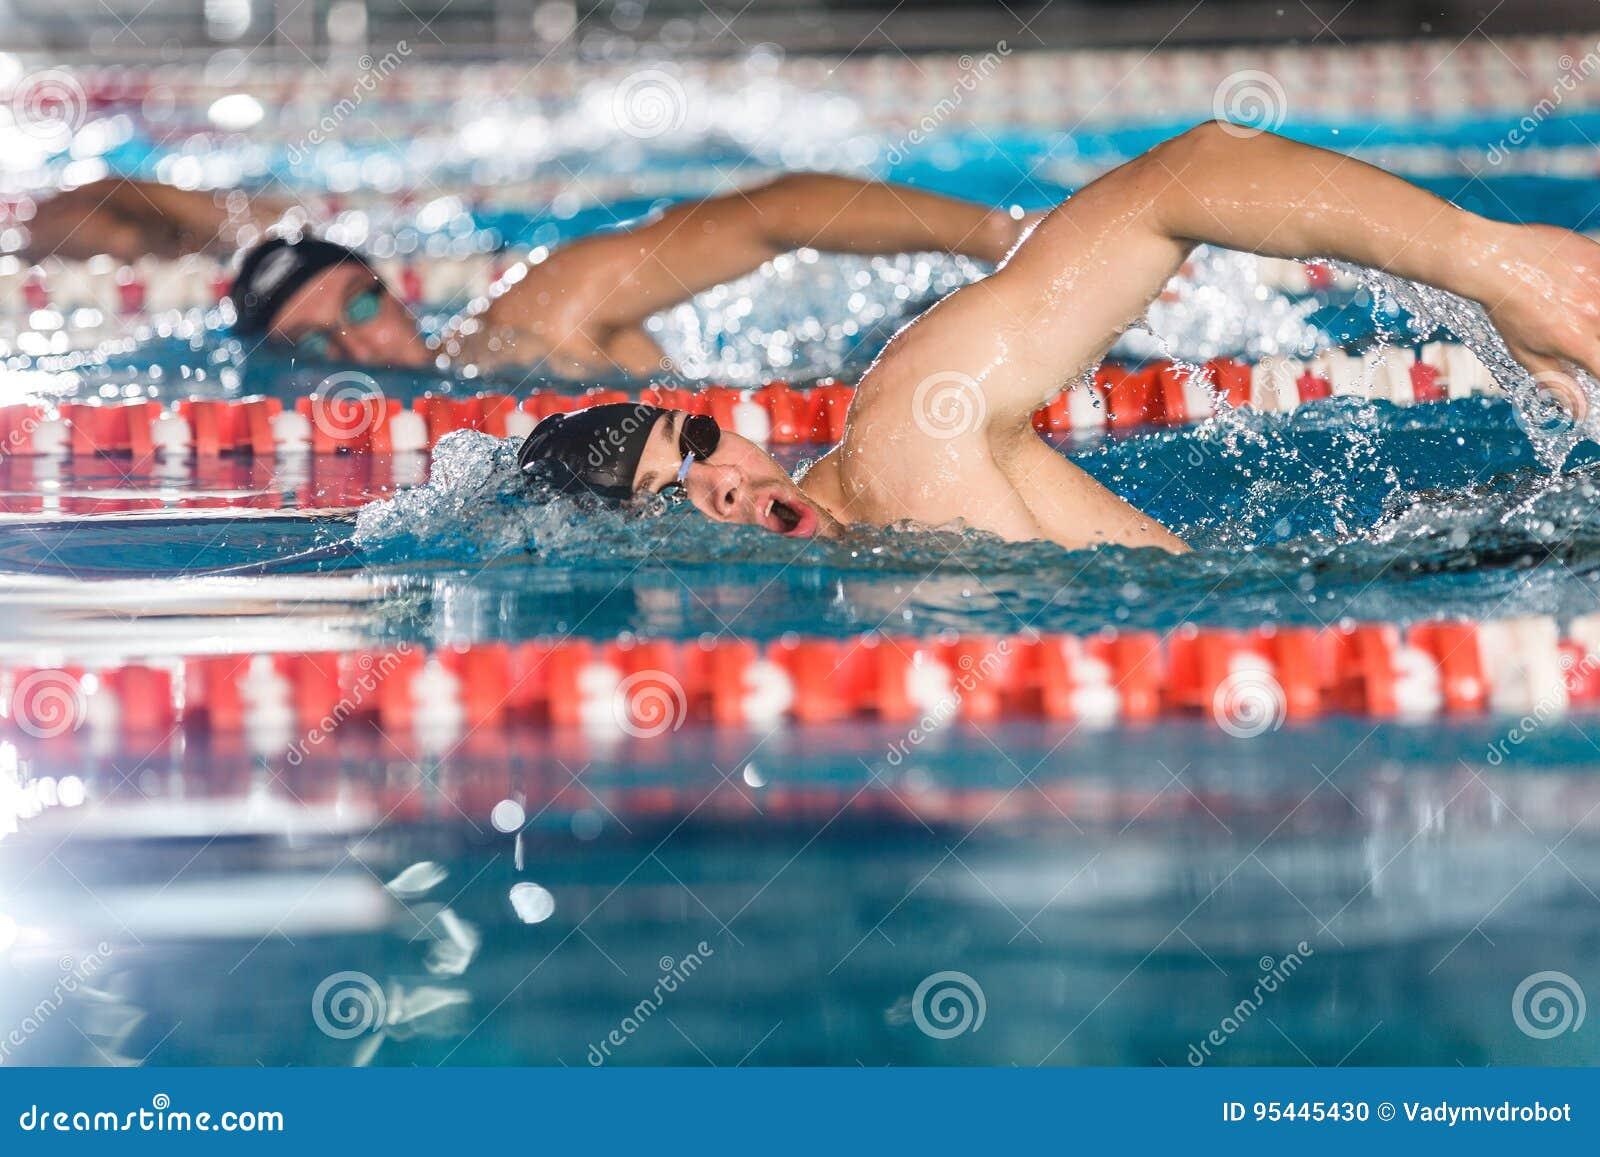 Tres nadadores de sexo masculino que hacen estilo libre en diversos carriles de natación